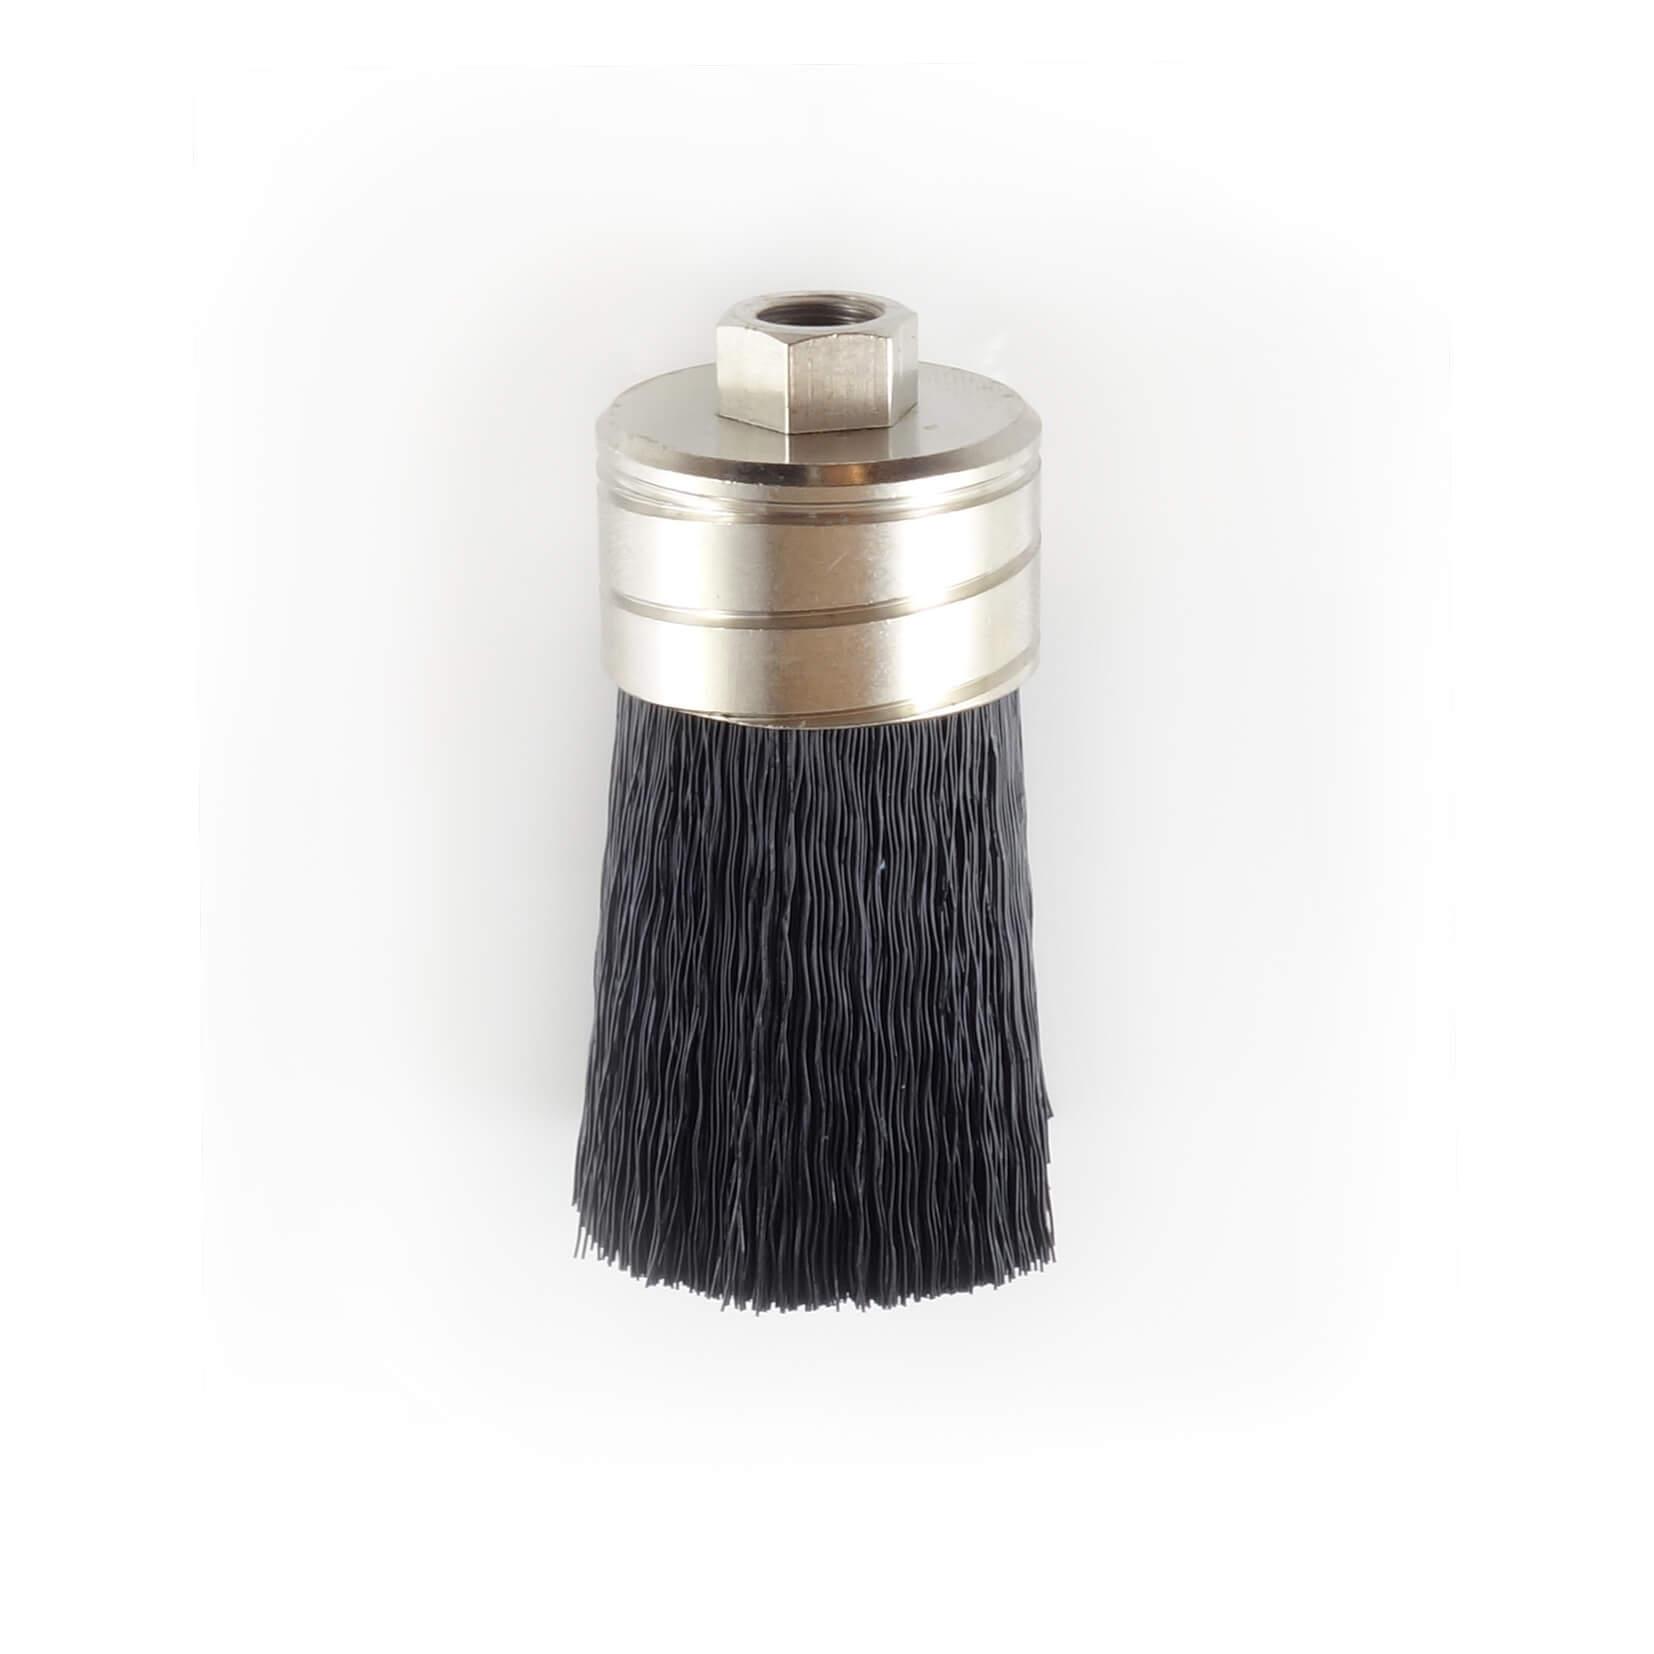 Ölpinsel oder Schmierpinsel 30x45